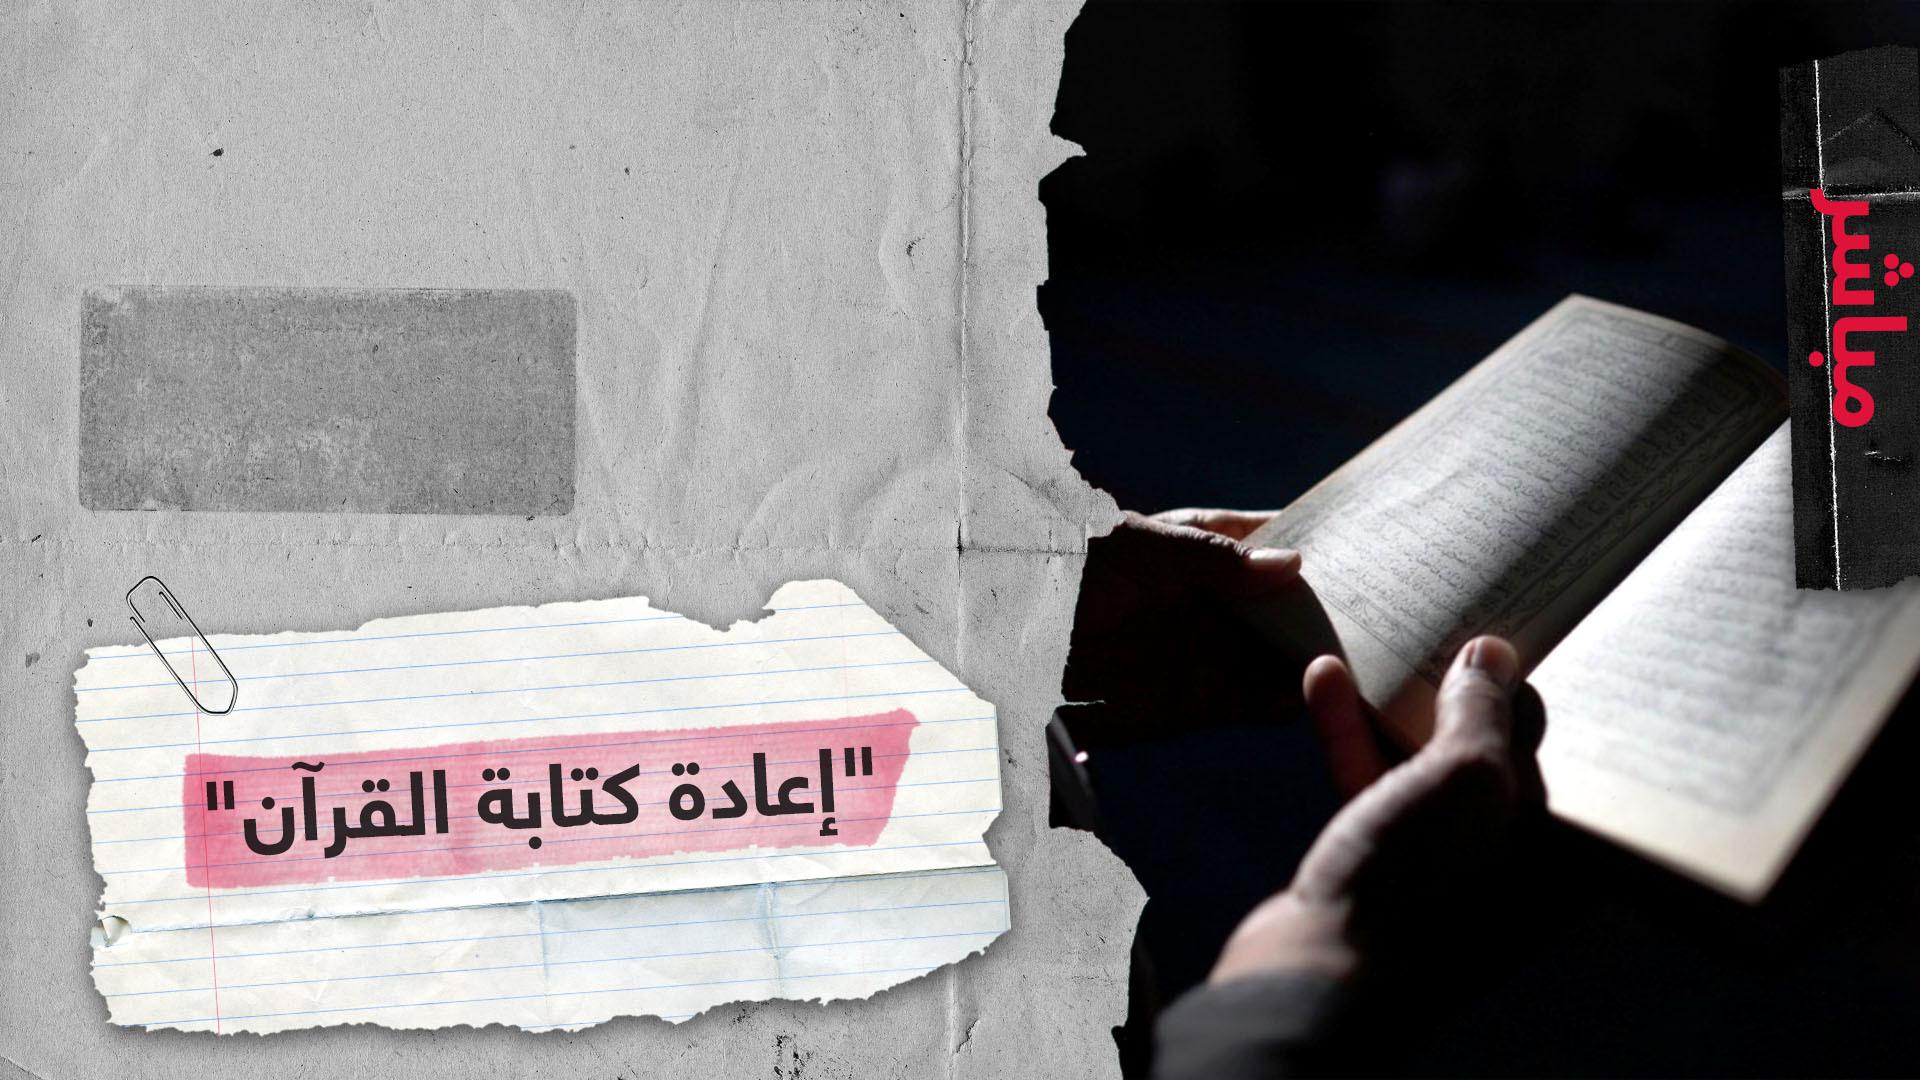 """جدل واسع بسبب مقال في جريدة سعودية  يدعو إلى """"إعادة كتابة القرآن من جديد"""""""